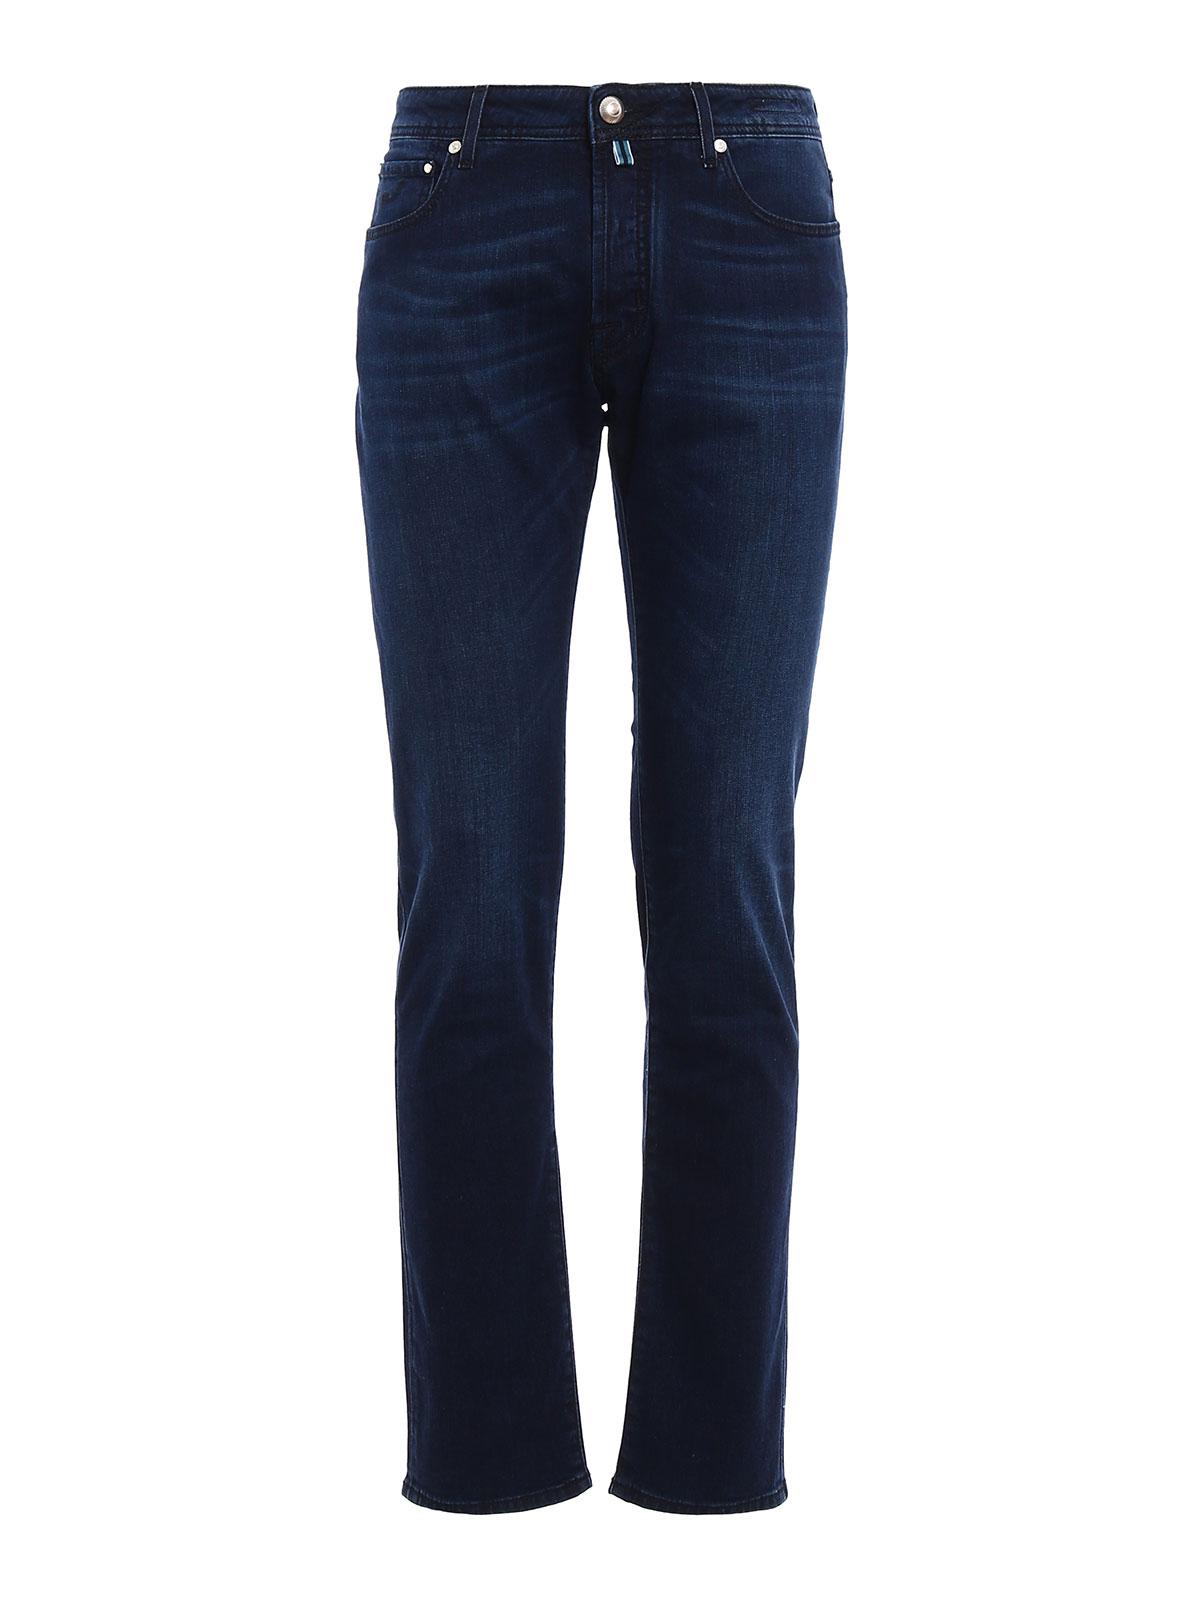 Jet set tailored jeans by jacob cohen straight leg jeans - Jacob cohen denim ...